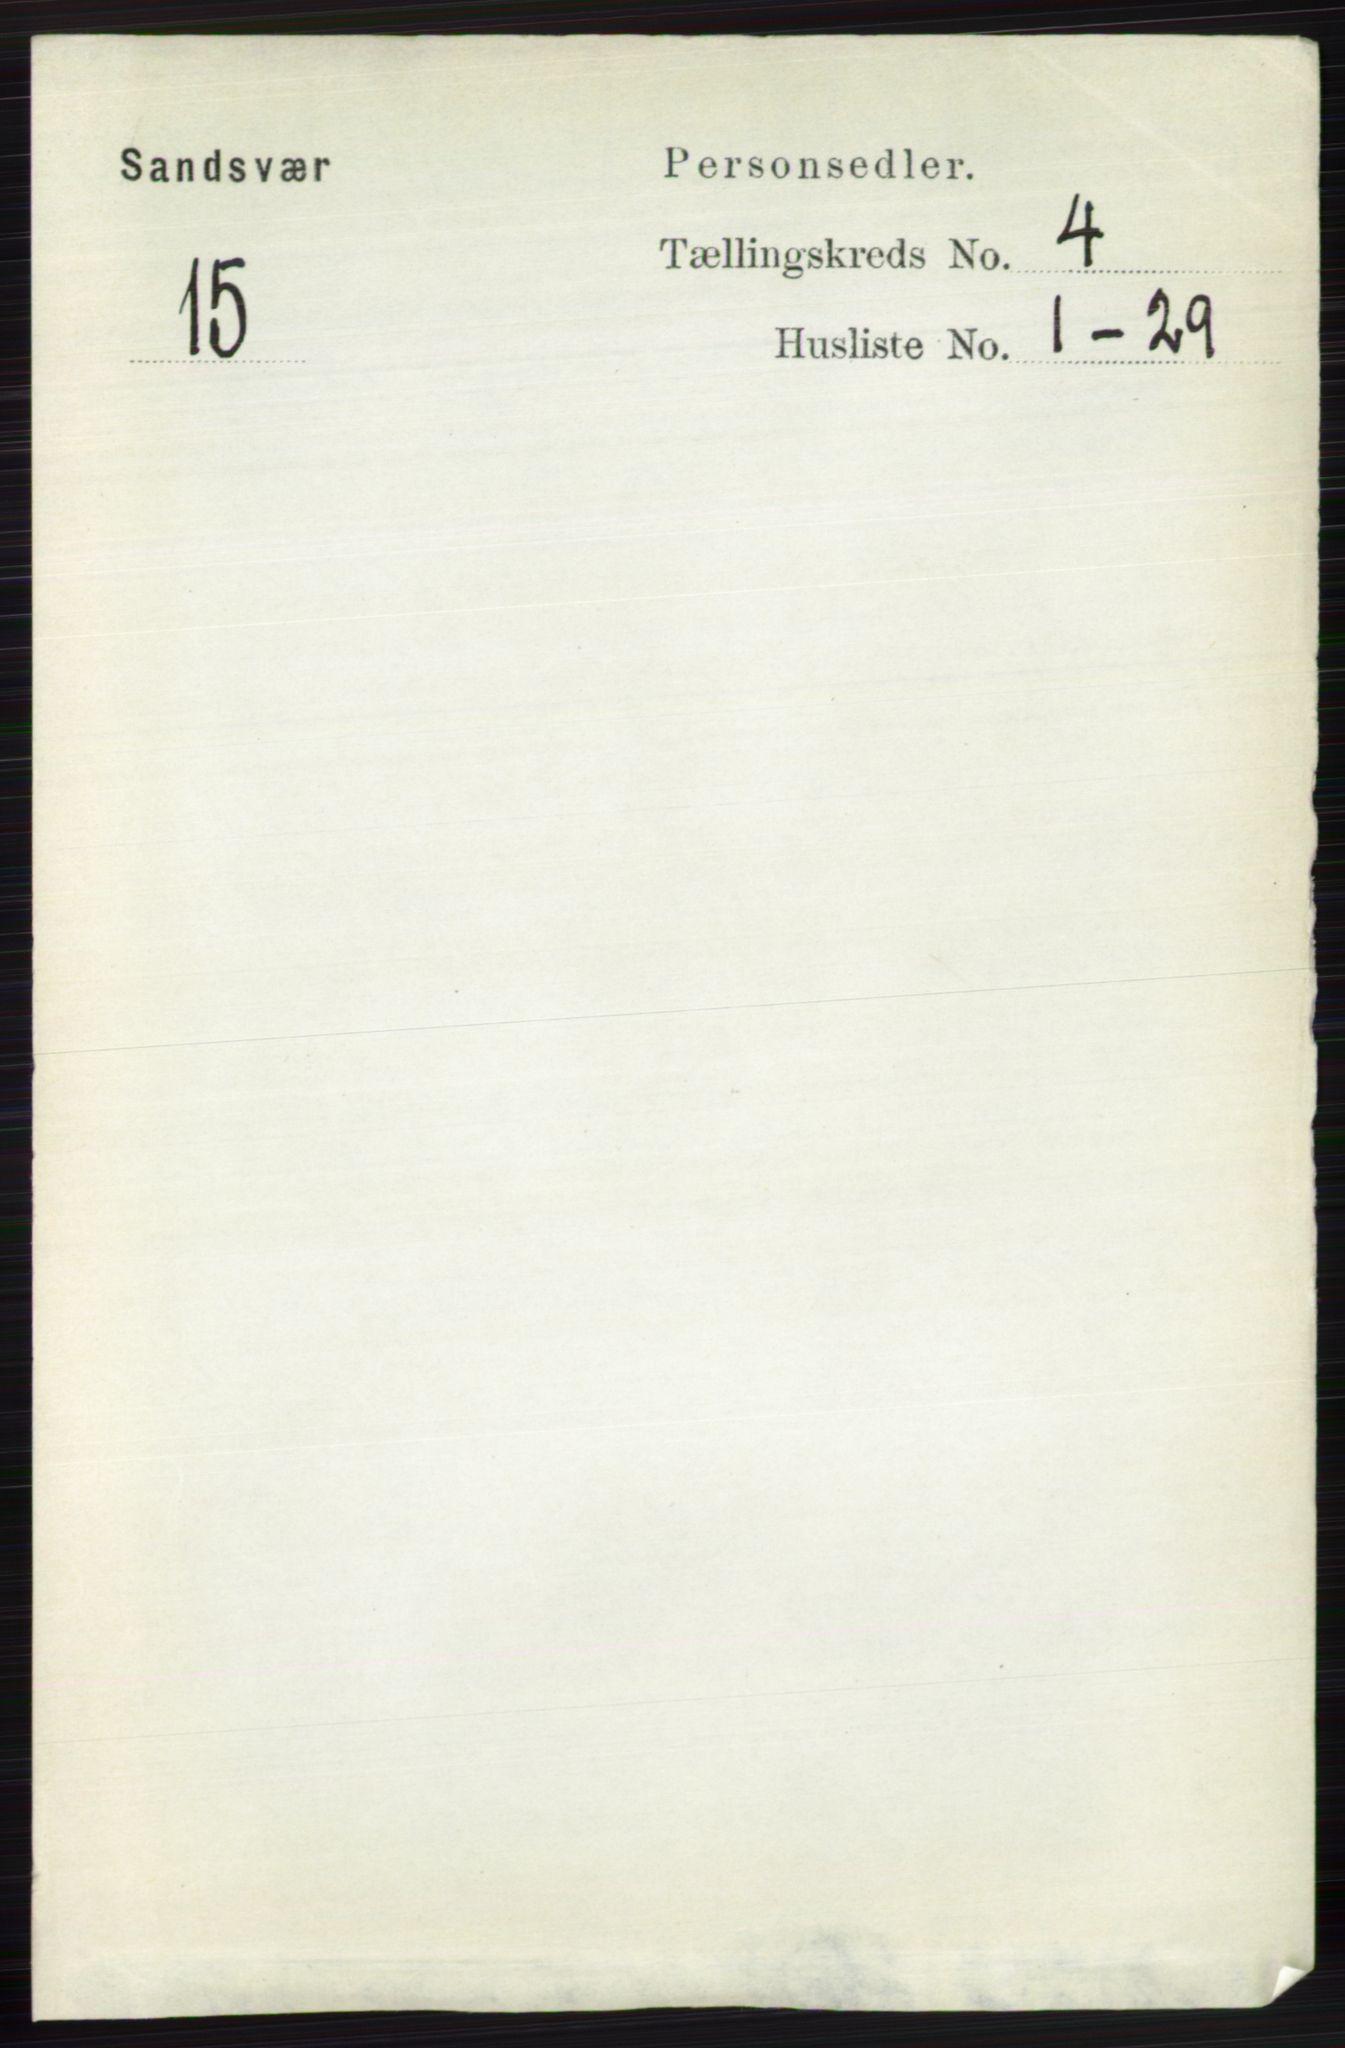 RA, Folketelling 1891 for 0629 Sandsvær herred, 1891, s. 1837